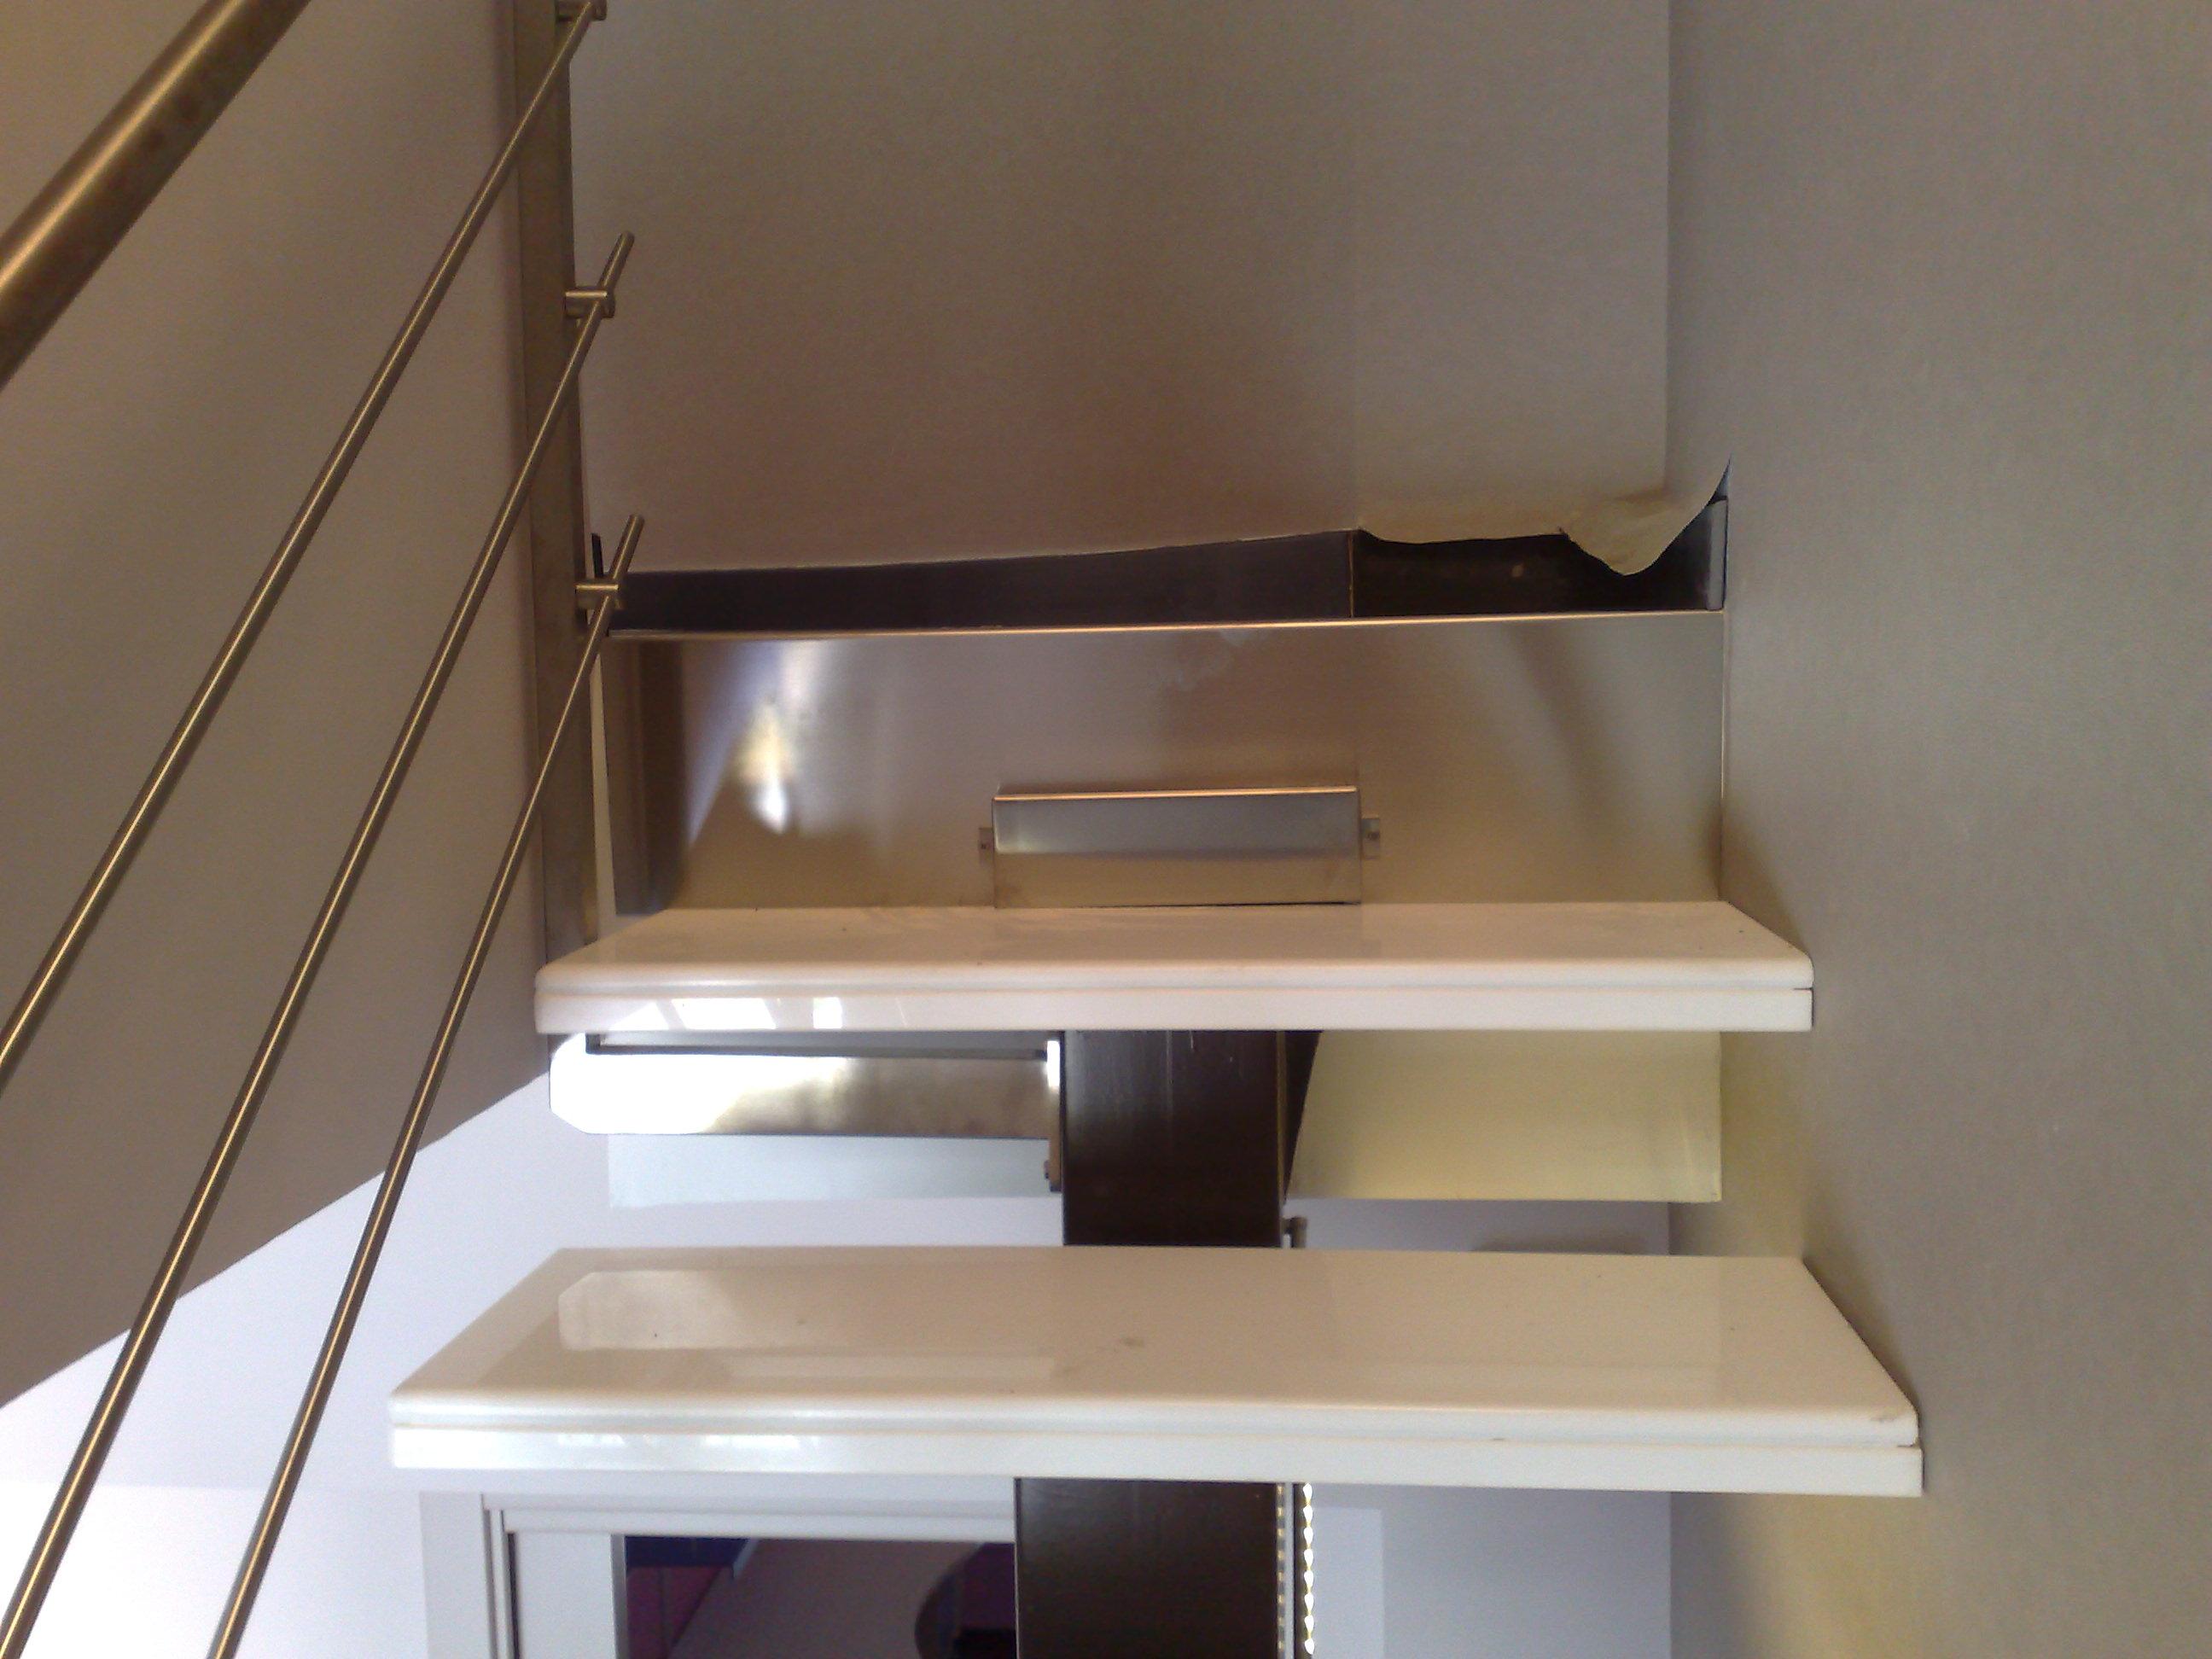 Scala autoportante per interni in ferro e acciaio inox - Costo scale in legno per interni ...